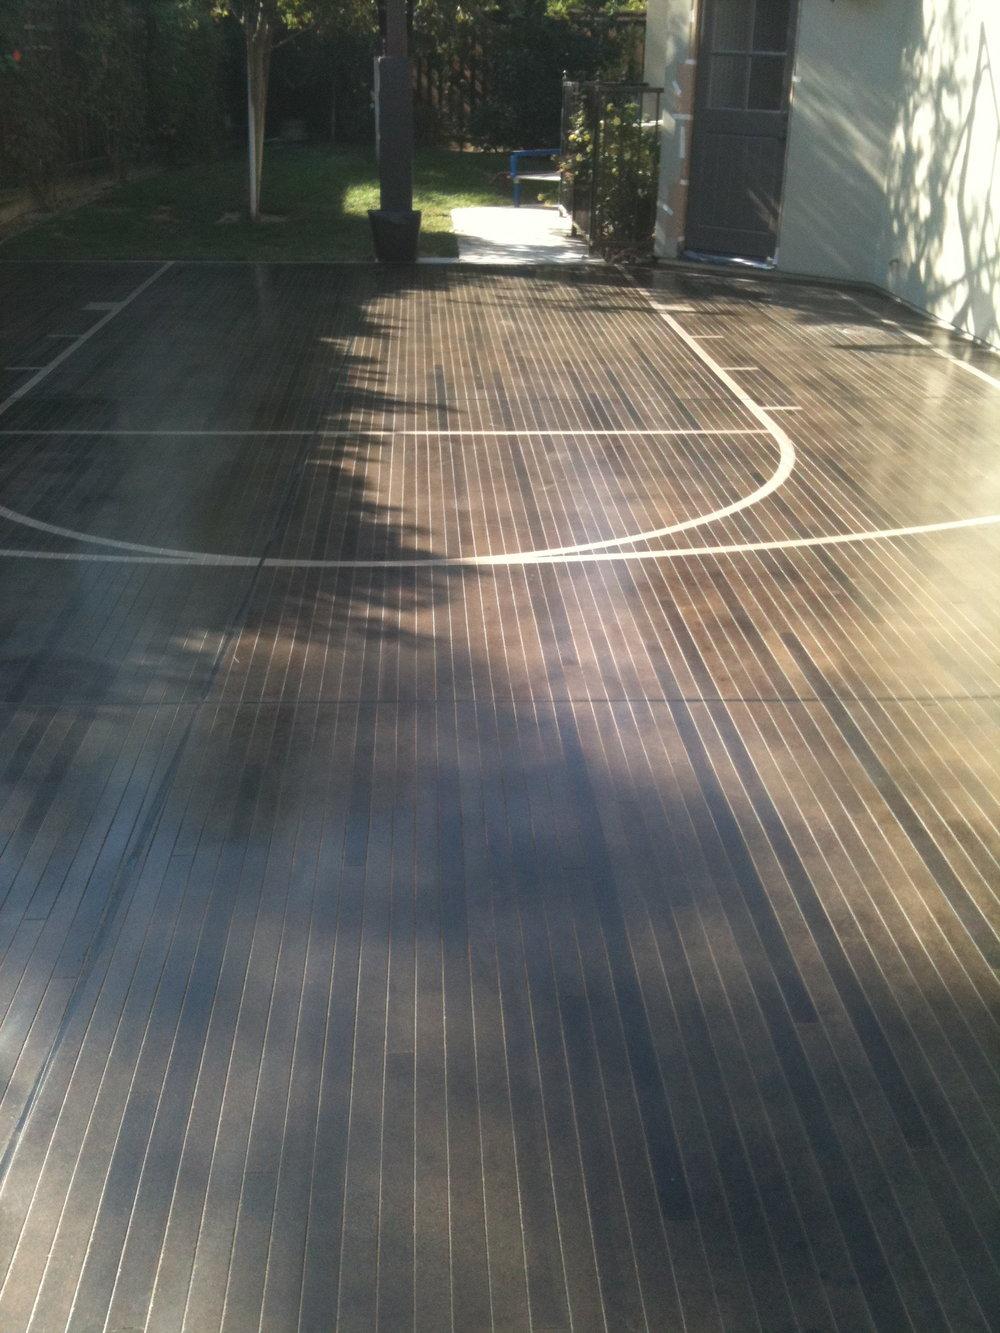 Outdoor Basketball court#2.JPG